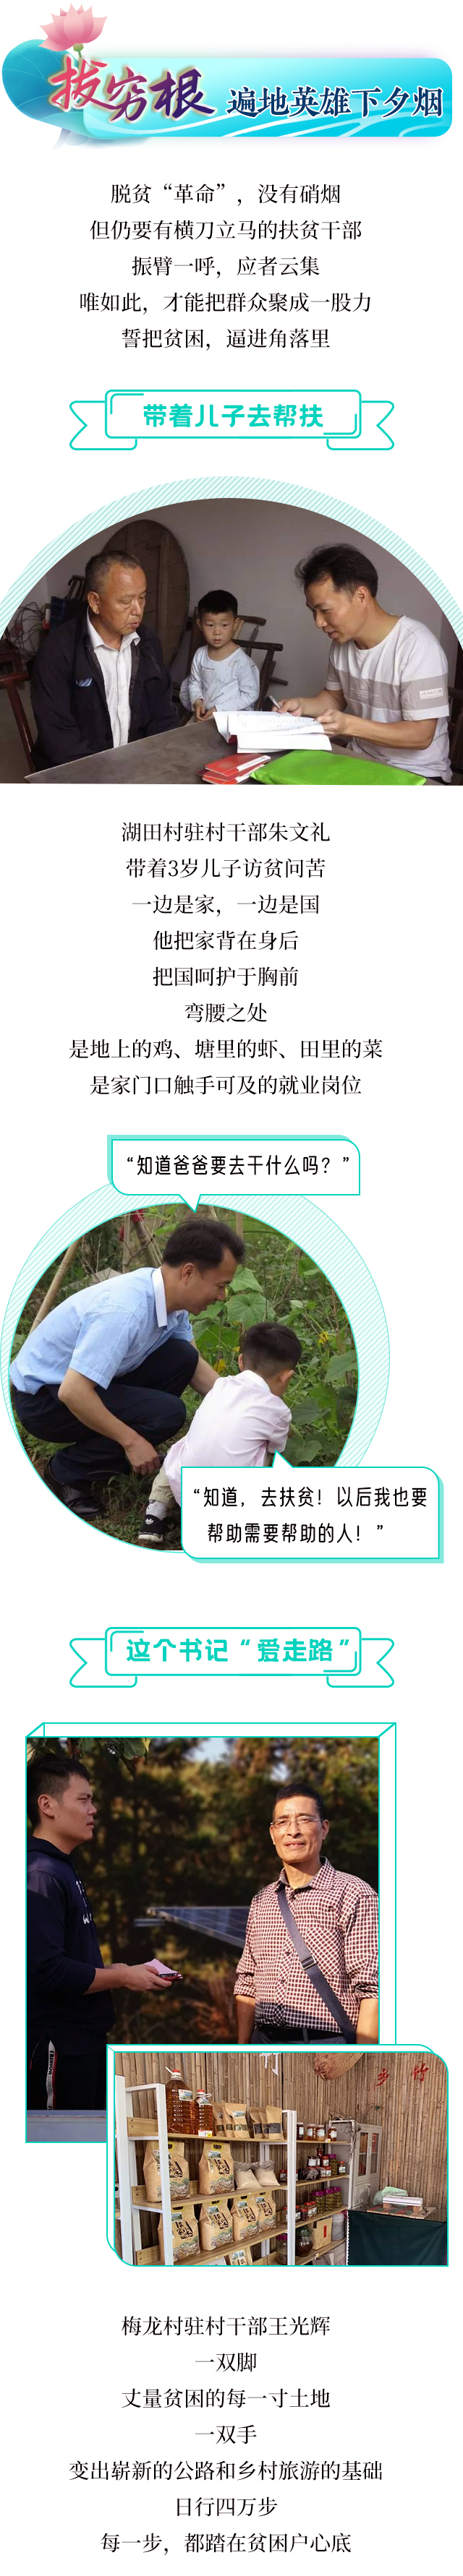 湘潭长图第二部分_03.jpg